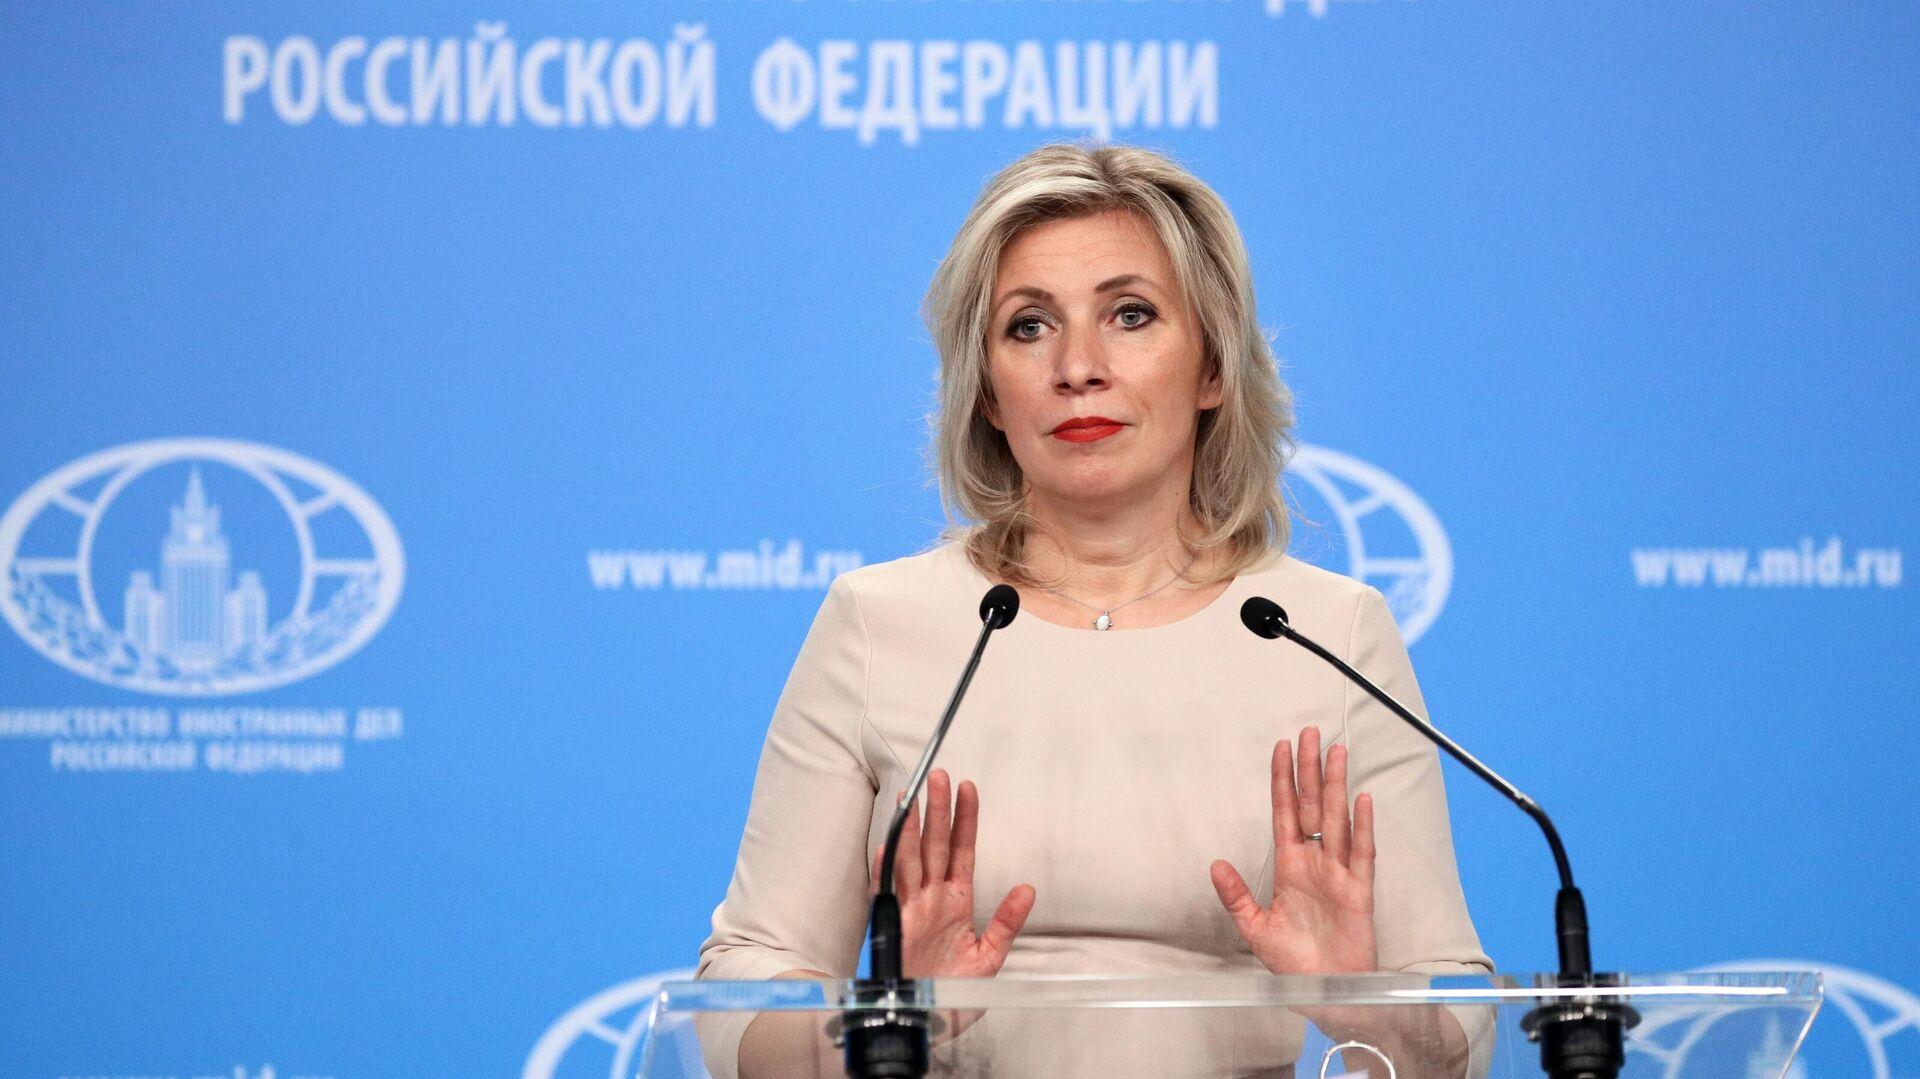 Официальный представитель Министерства иностранных дел России Мария Захарова во время брифинга  - РИА Новости, 1920, 28.05.2021